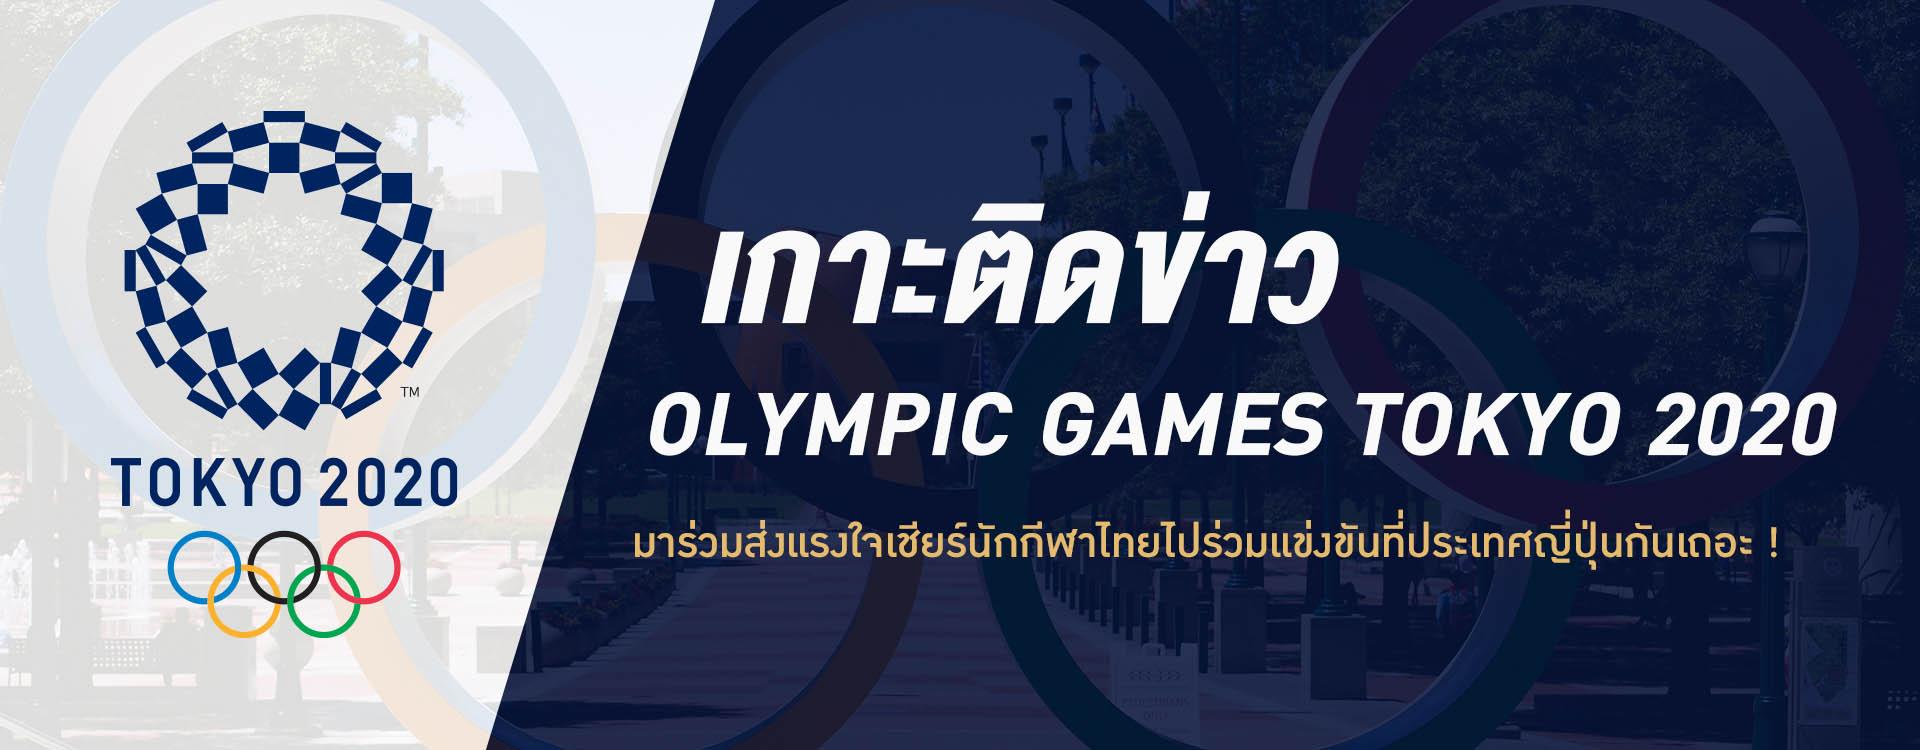 โตเกียว โอลิมปิก 2020 stadiumth